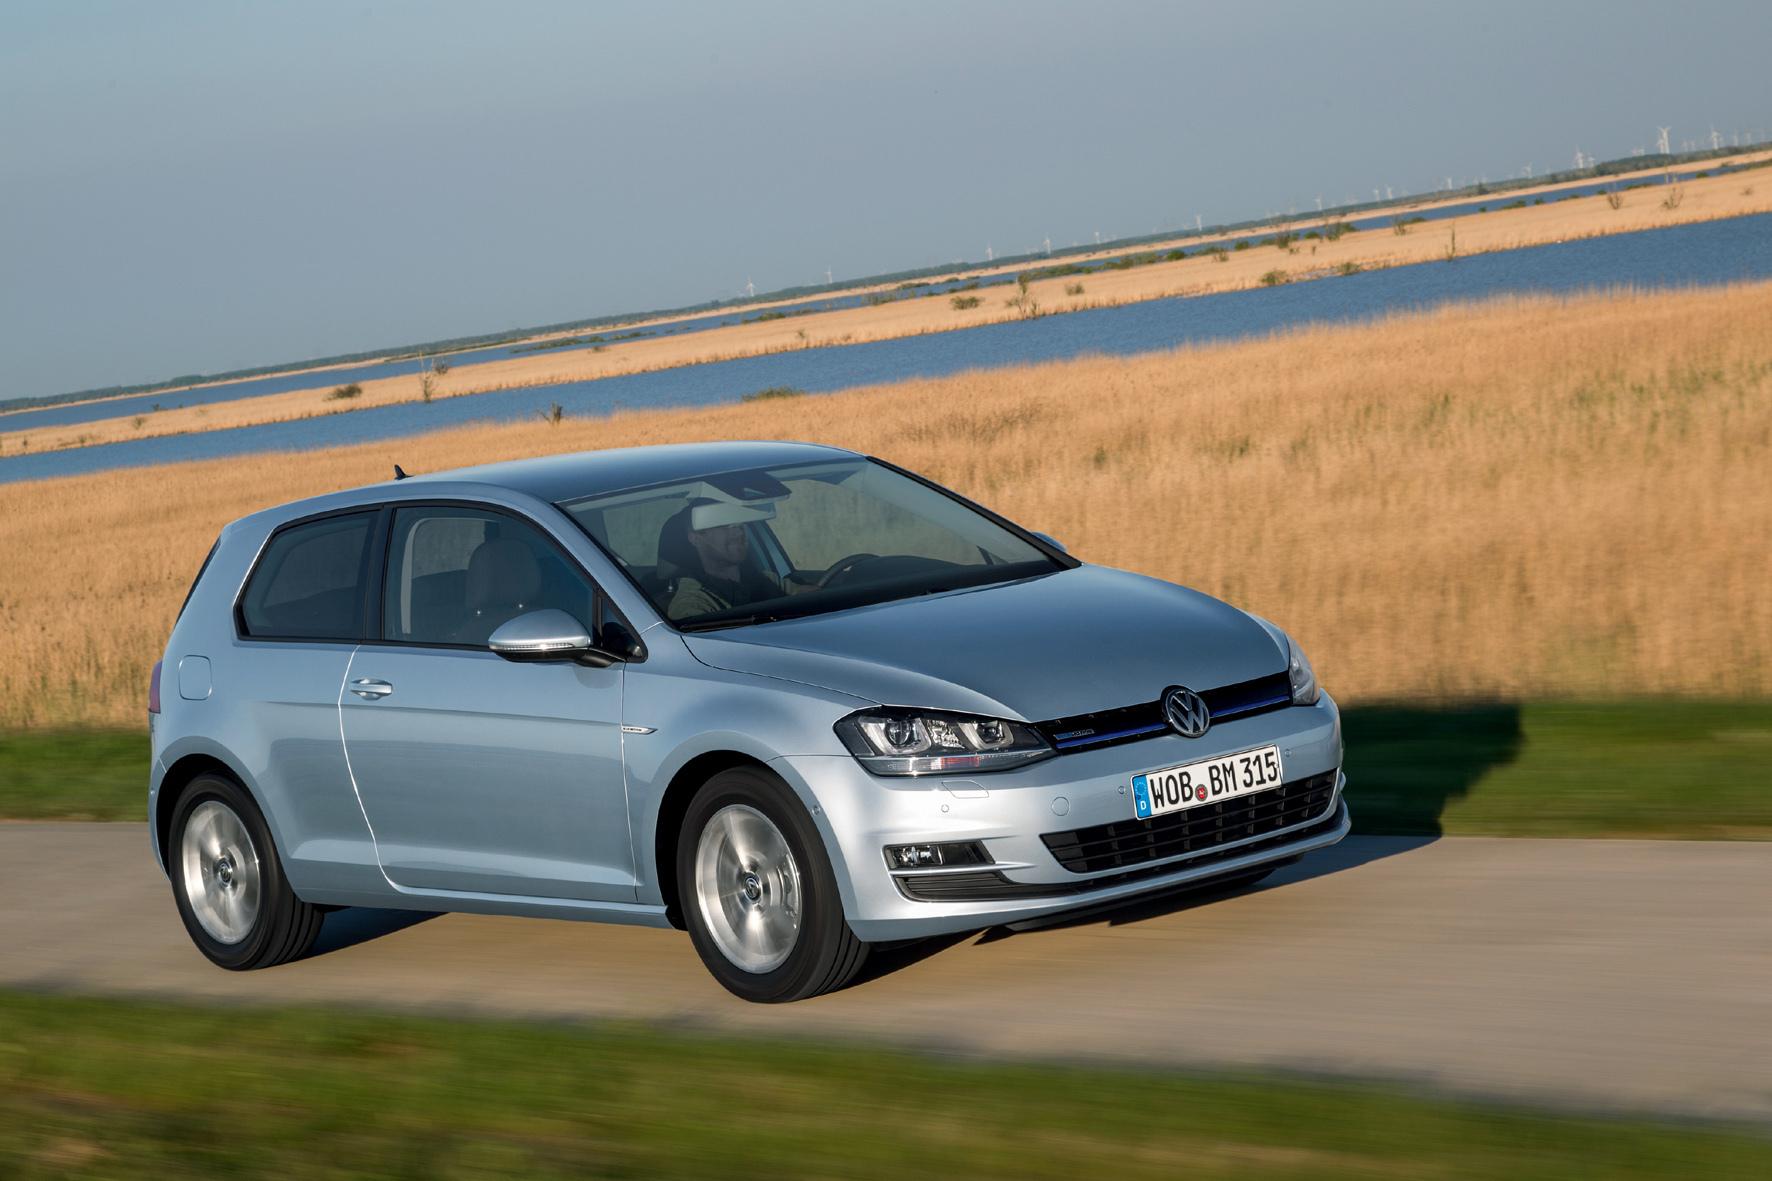 mid Wolfsburg - Die Rückruf-Aktion für die von der Abgas-Affäre betroffenen Golf-Diesel läuft. Laut VW müssen in Europa rund 15.000 Golf TDI mit 2,0-Liter-Motor zur Umrüstung in die Werkstätten.